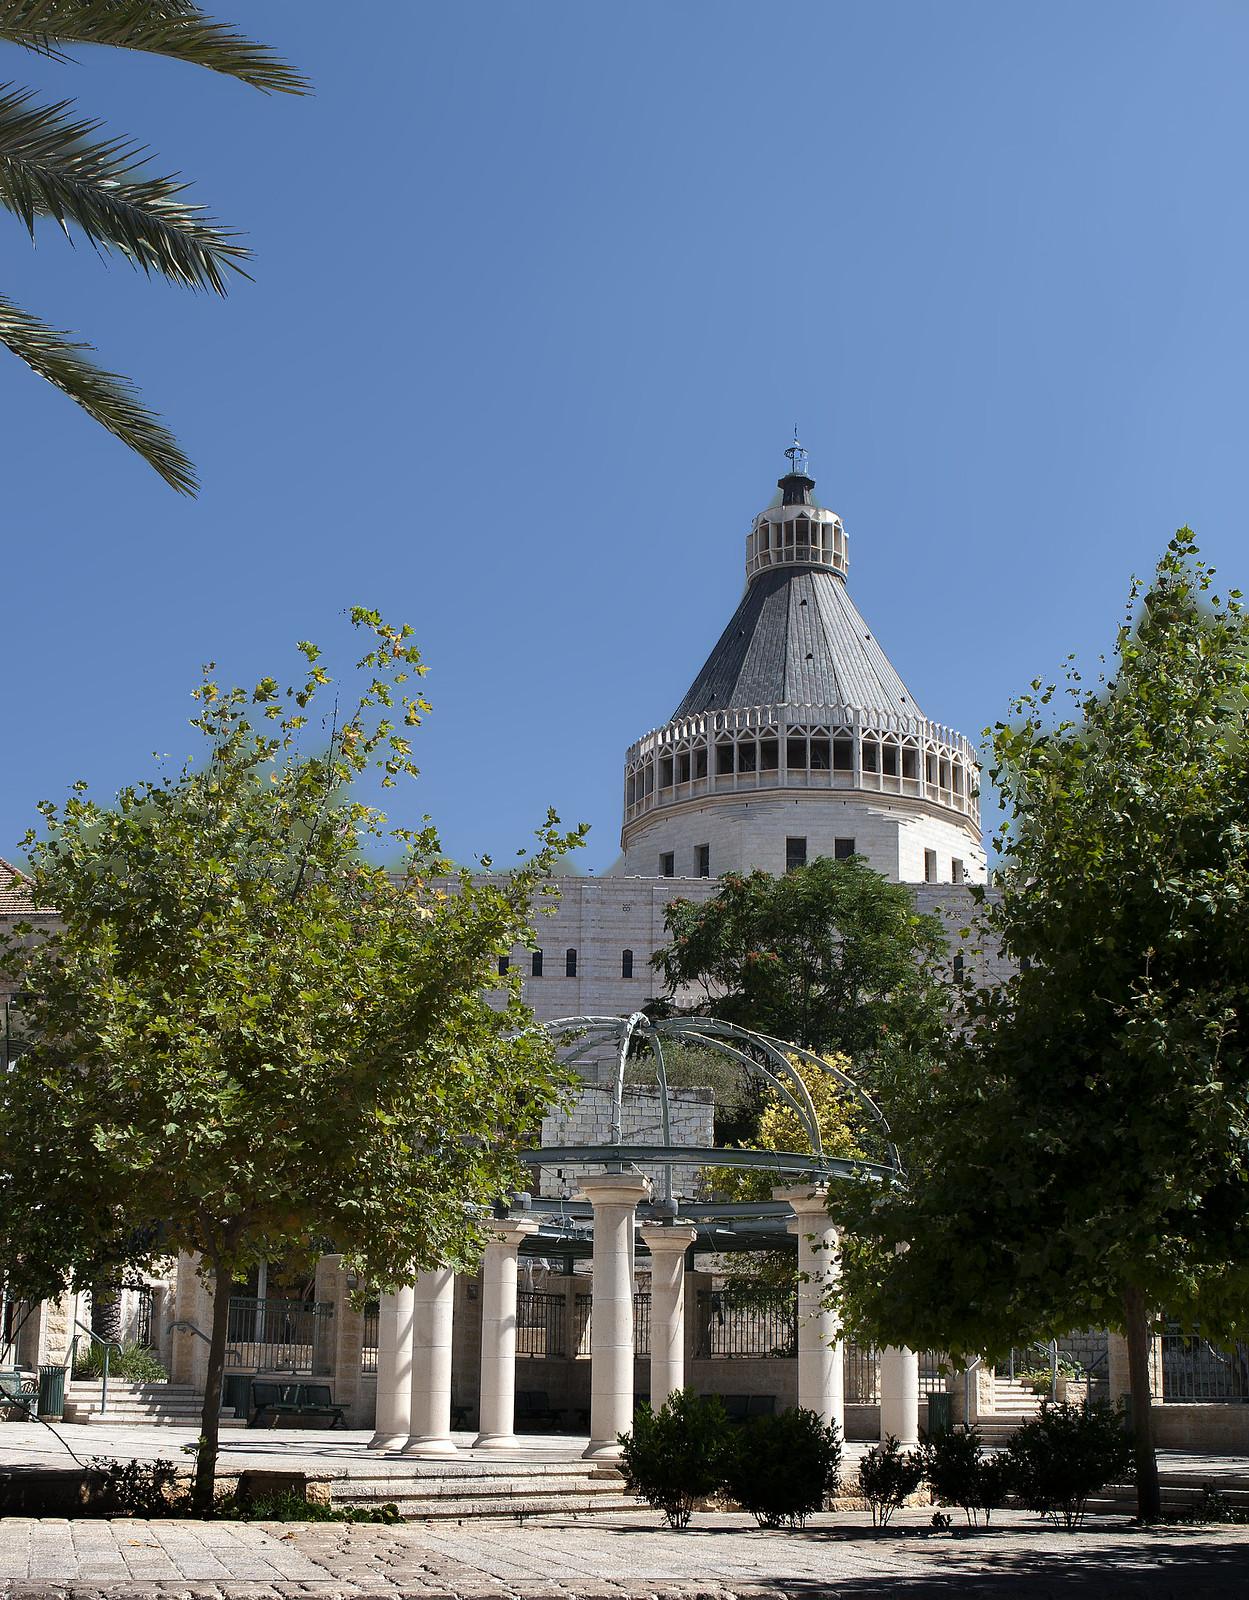 Nazareth_Basilica of the Annunciation_2_Mordagan_IMOT